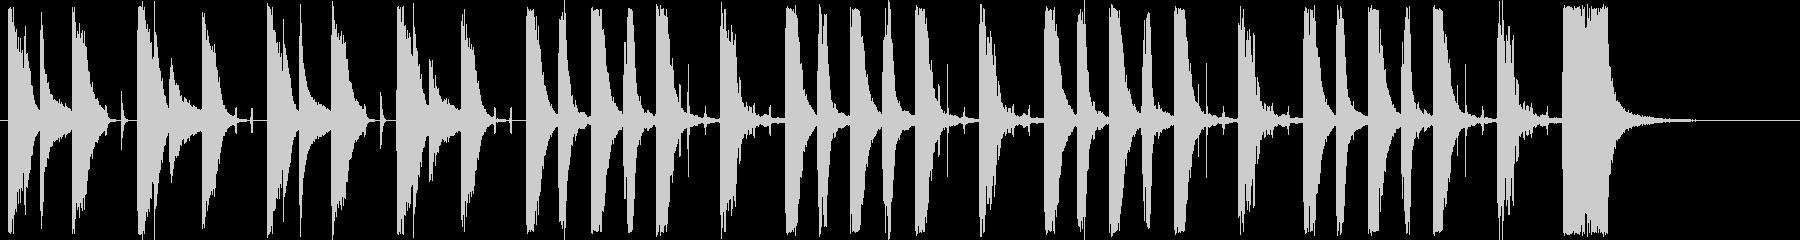 辺りを探るショートミュージックの未再生の波形